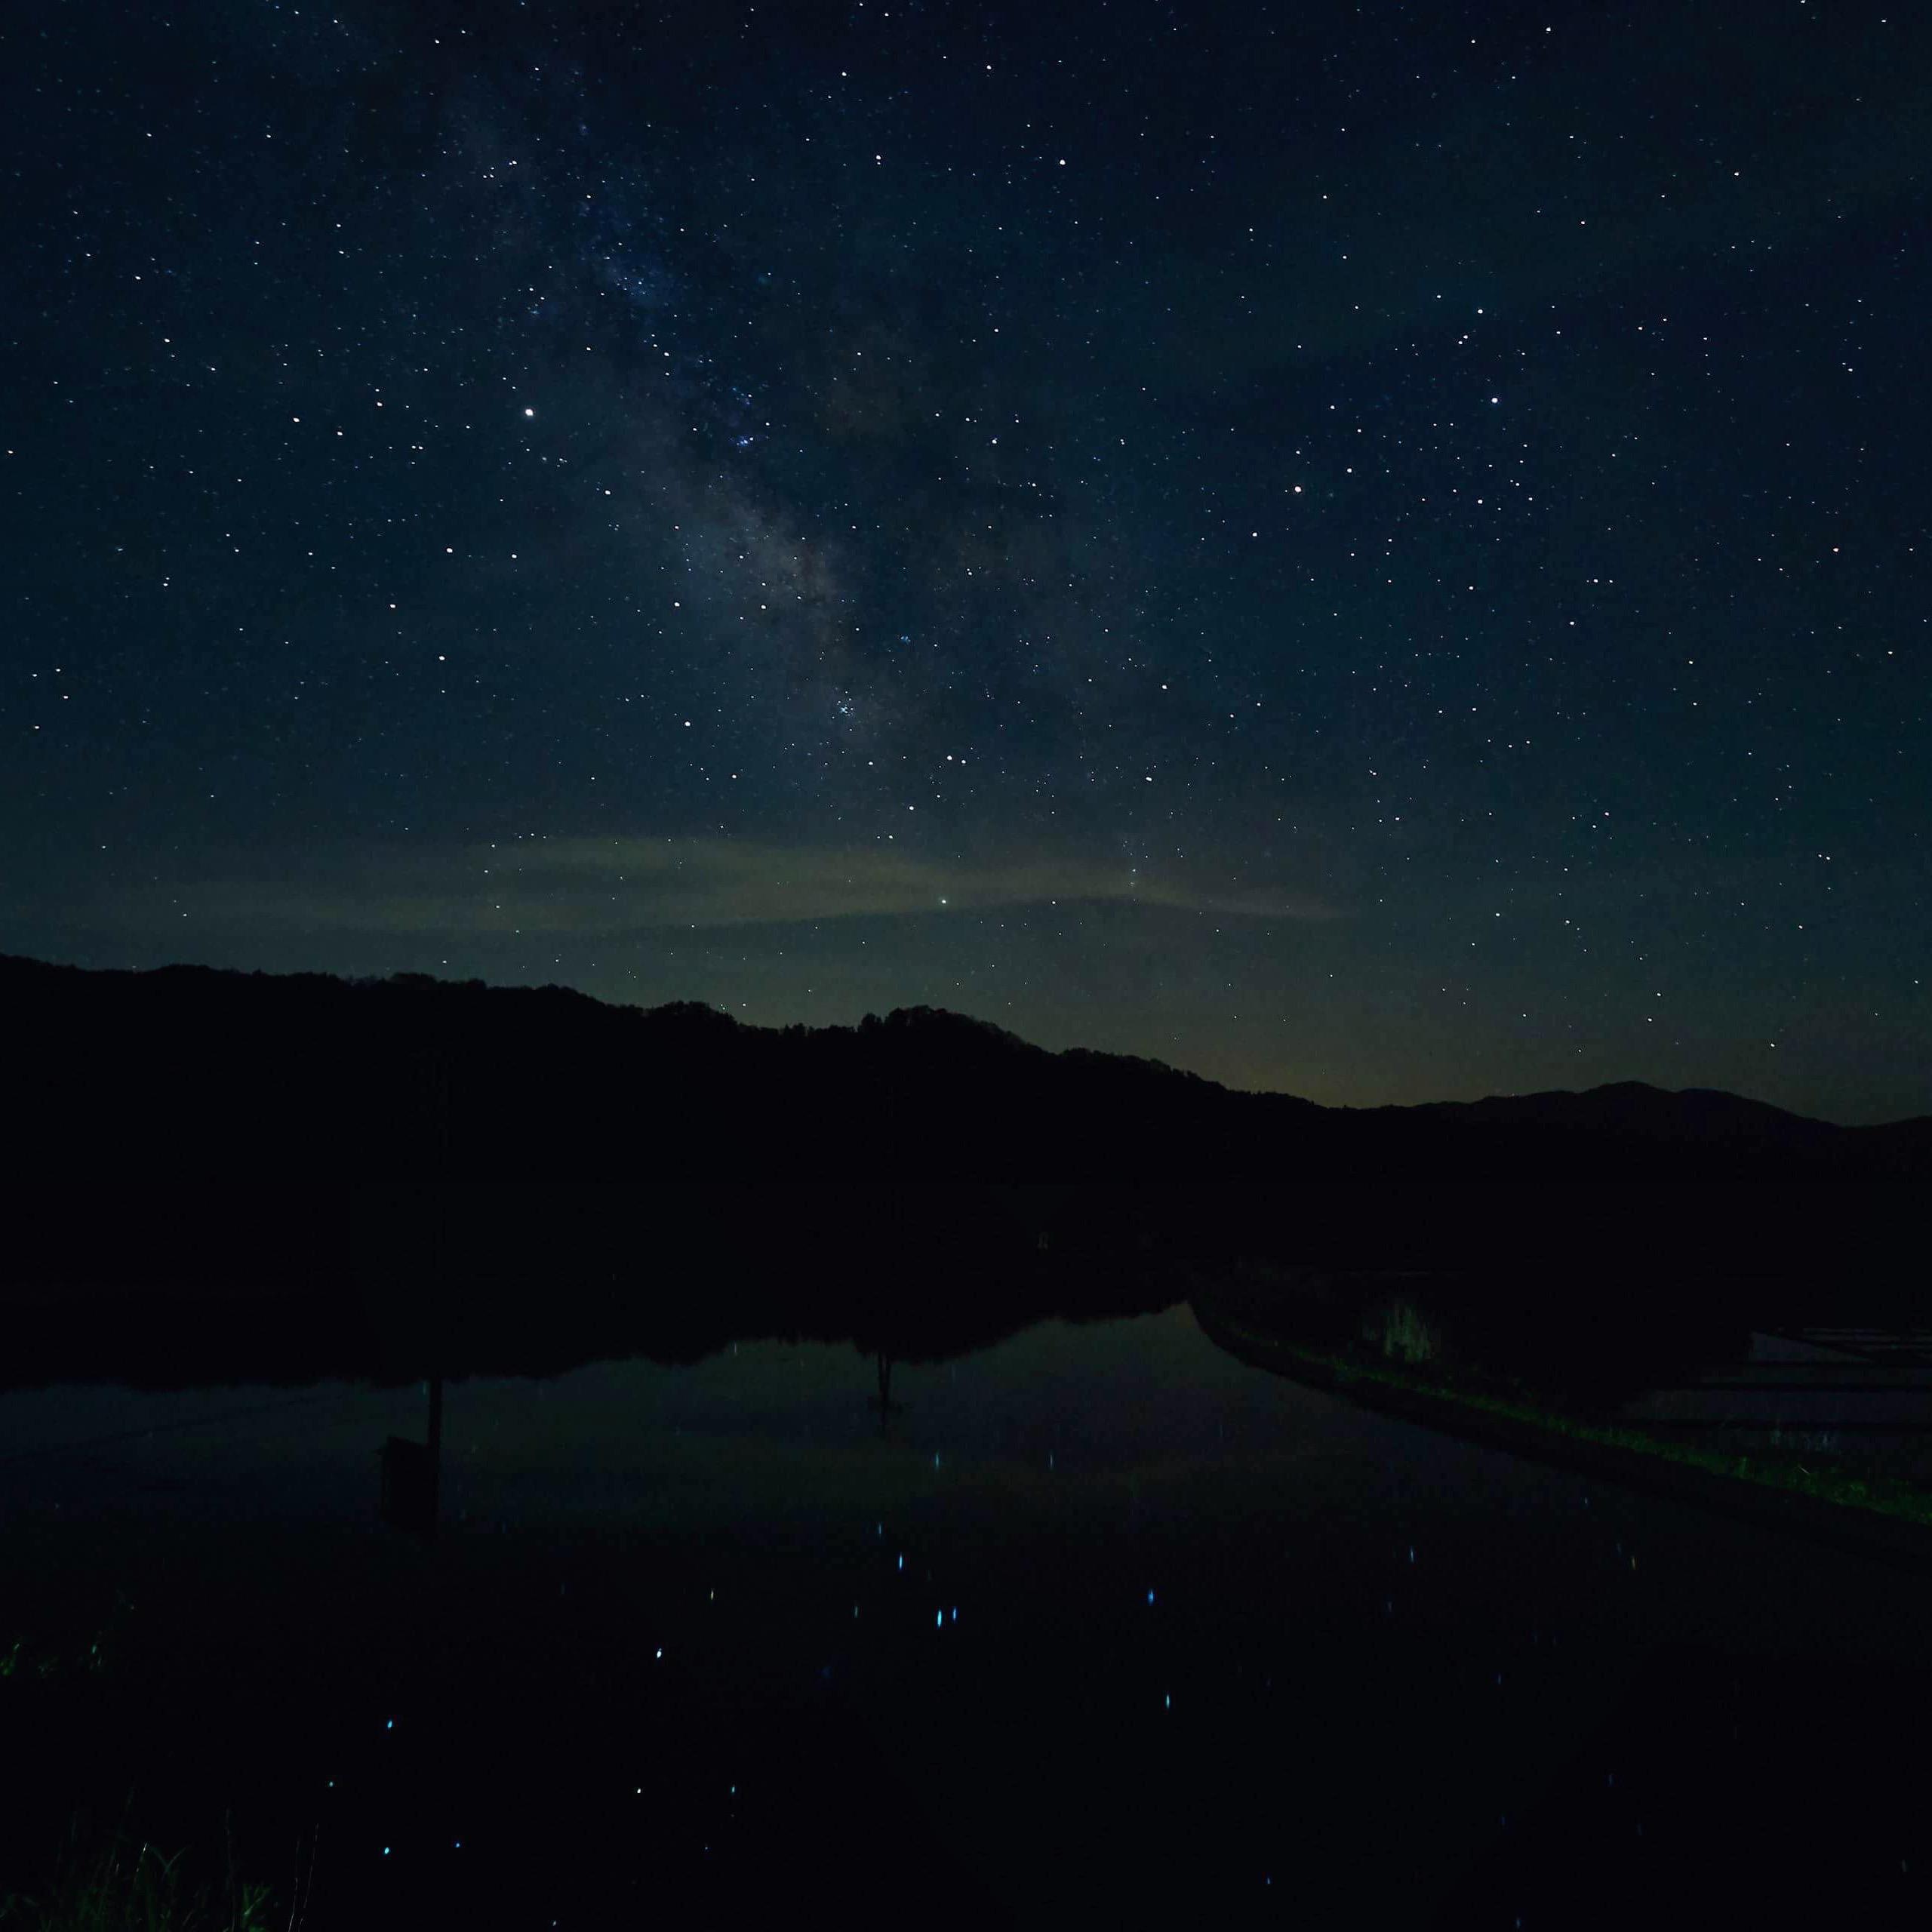 水田に映る星空